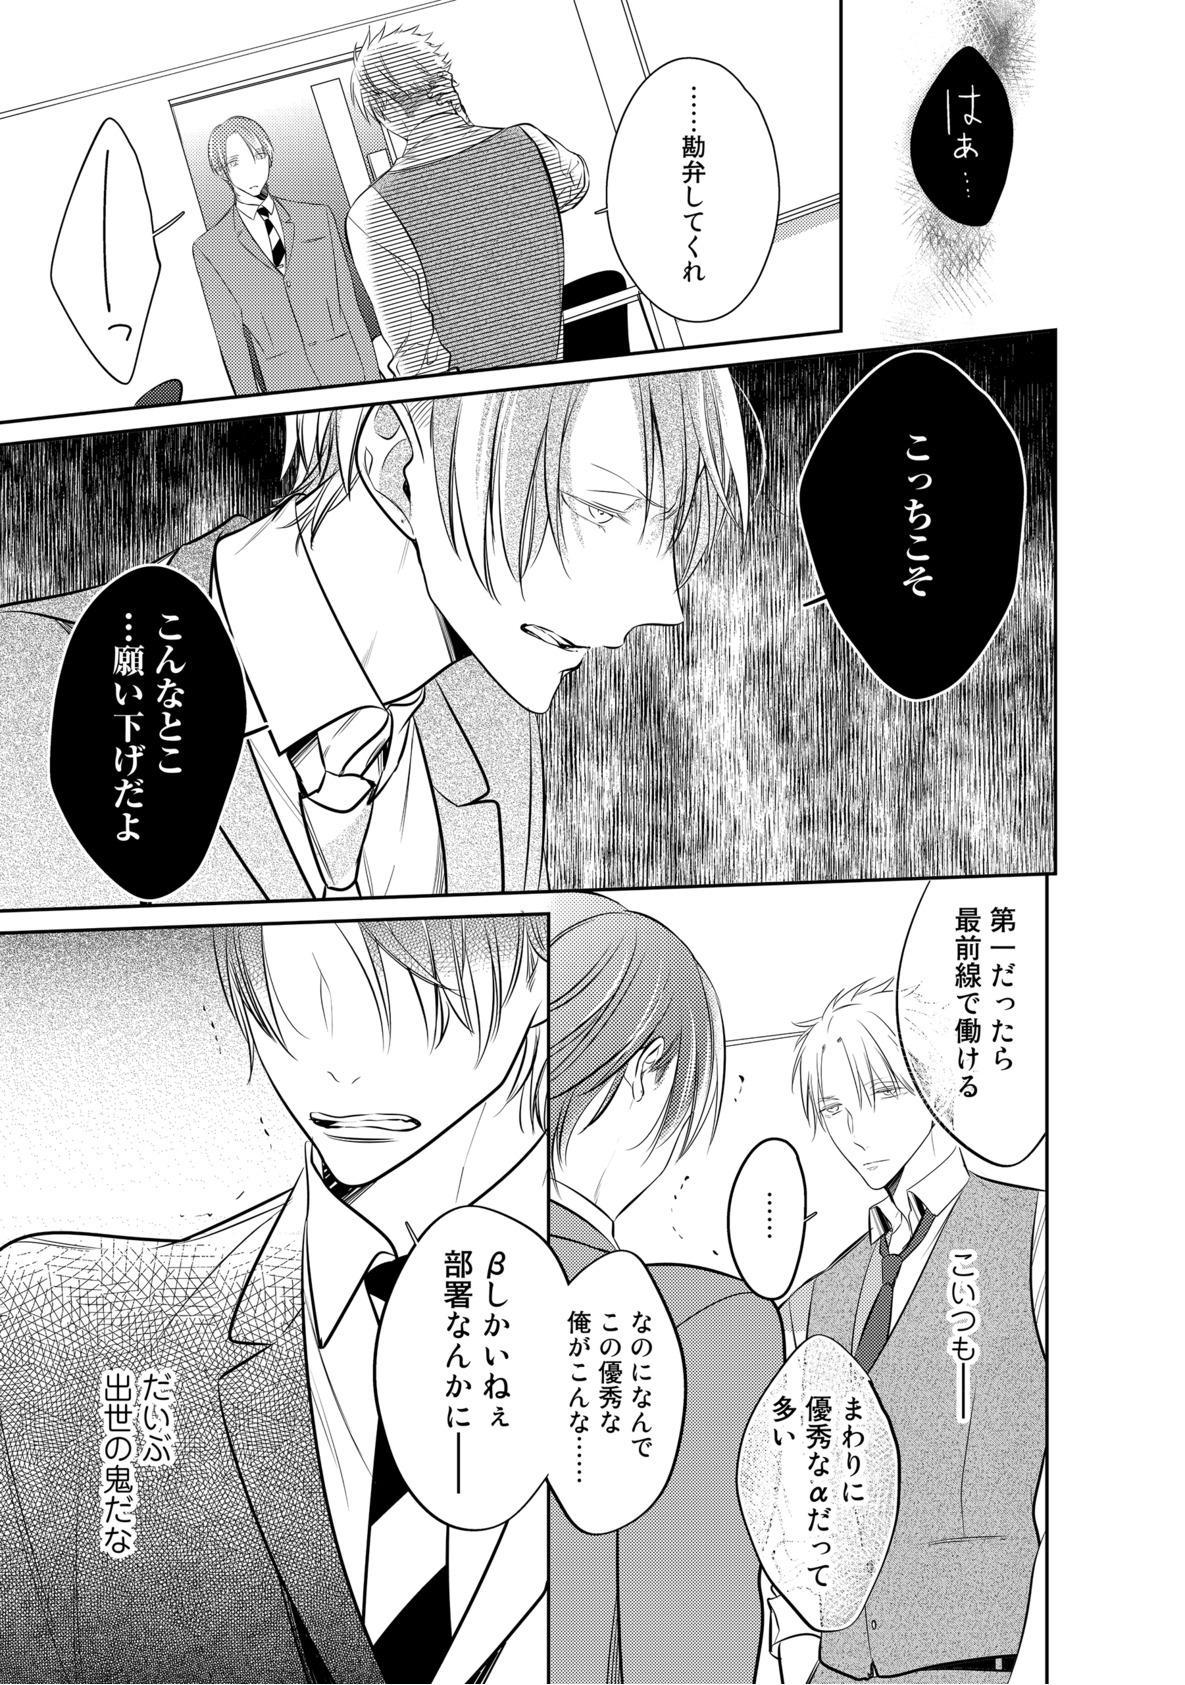 Kurui Naku no wa Boku no Ban ~ vol.2 16